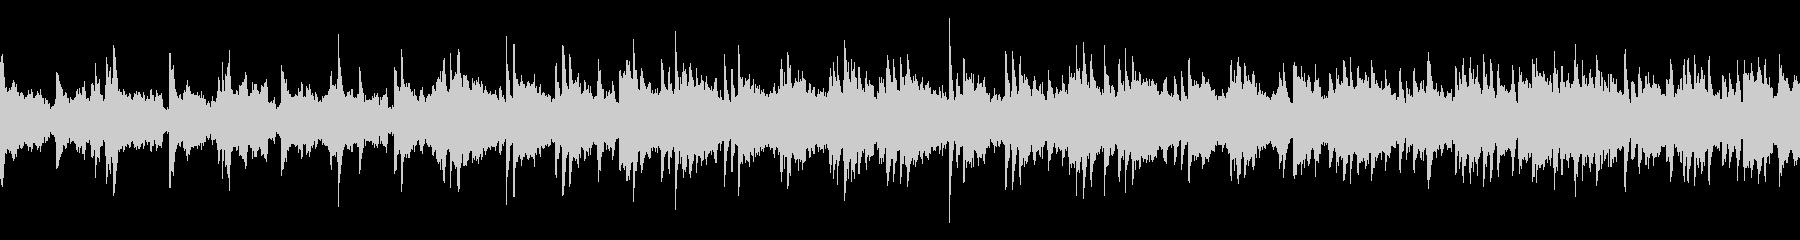 メローなピアノソロインストBGMの未再生の波形